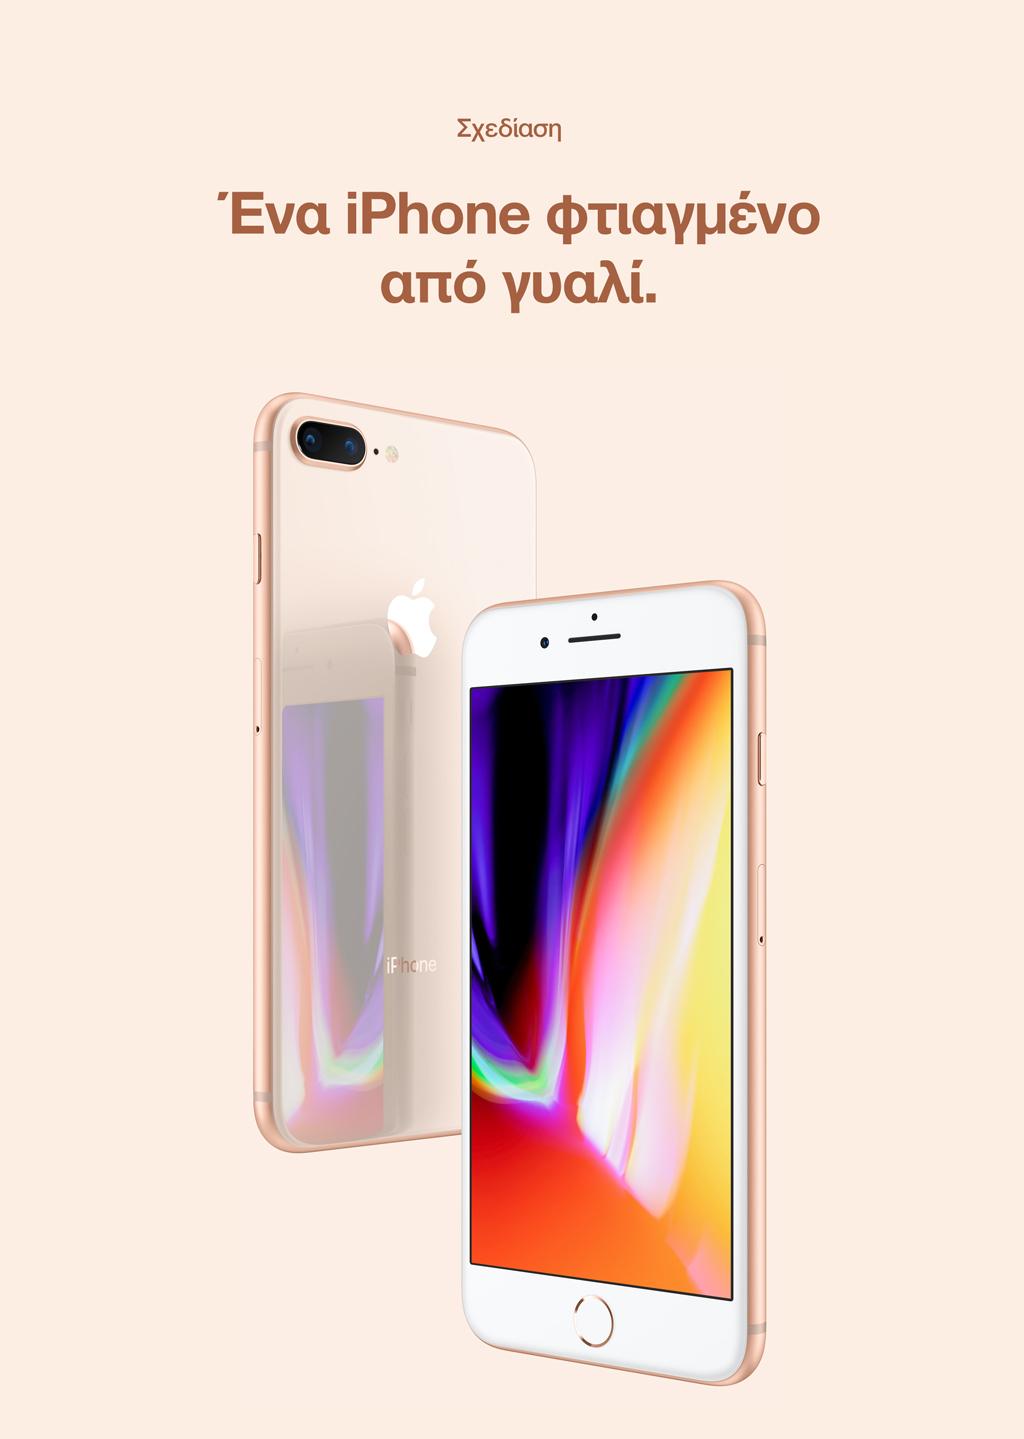 Σχεδίαση. Ένα iPhone φτιαγμένο από γυαλί.